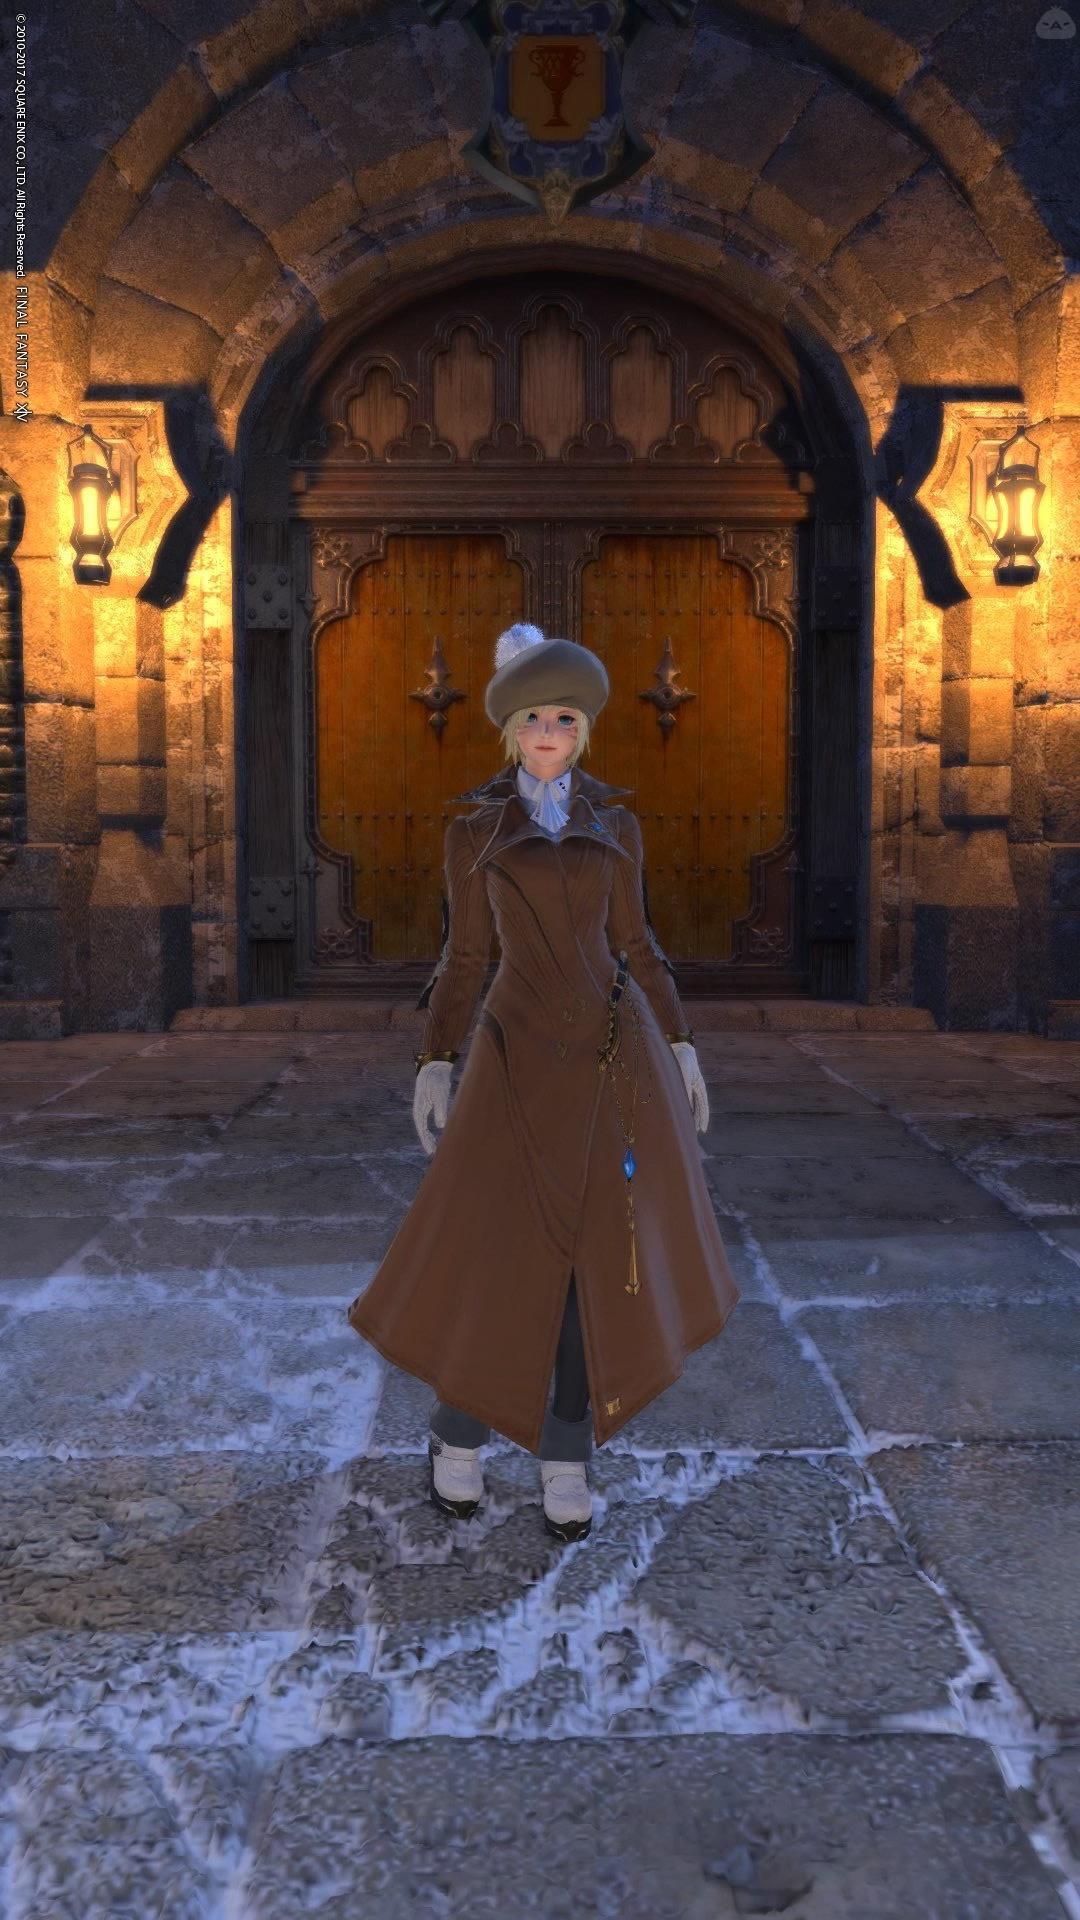 冬服候補のコート!